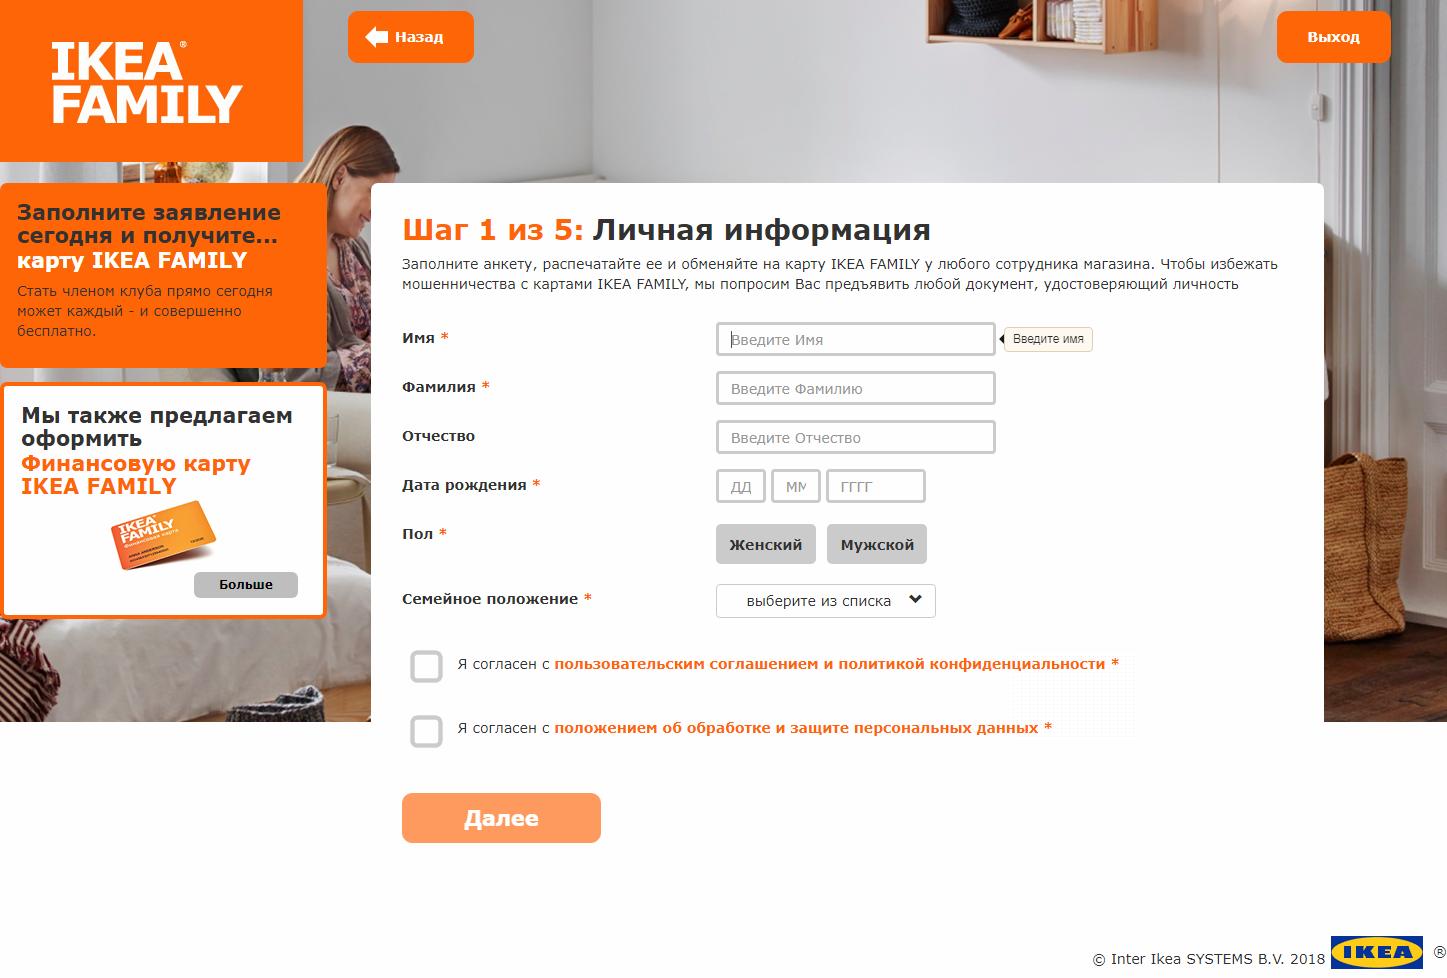 Форма регистрации с возможностью стать участником бонусной программы от Ikea Family